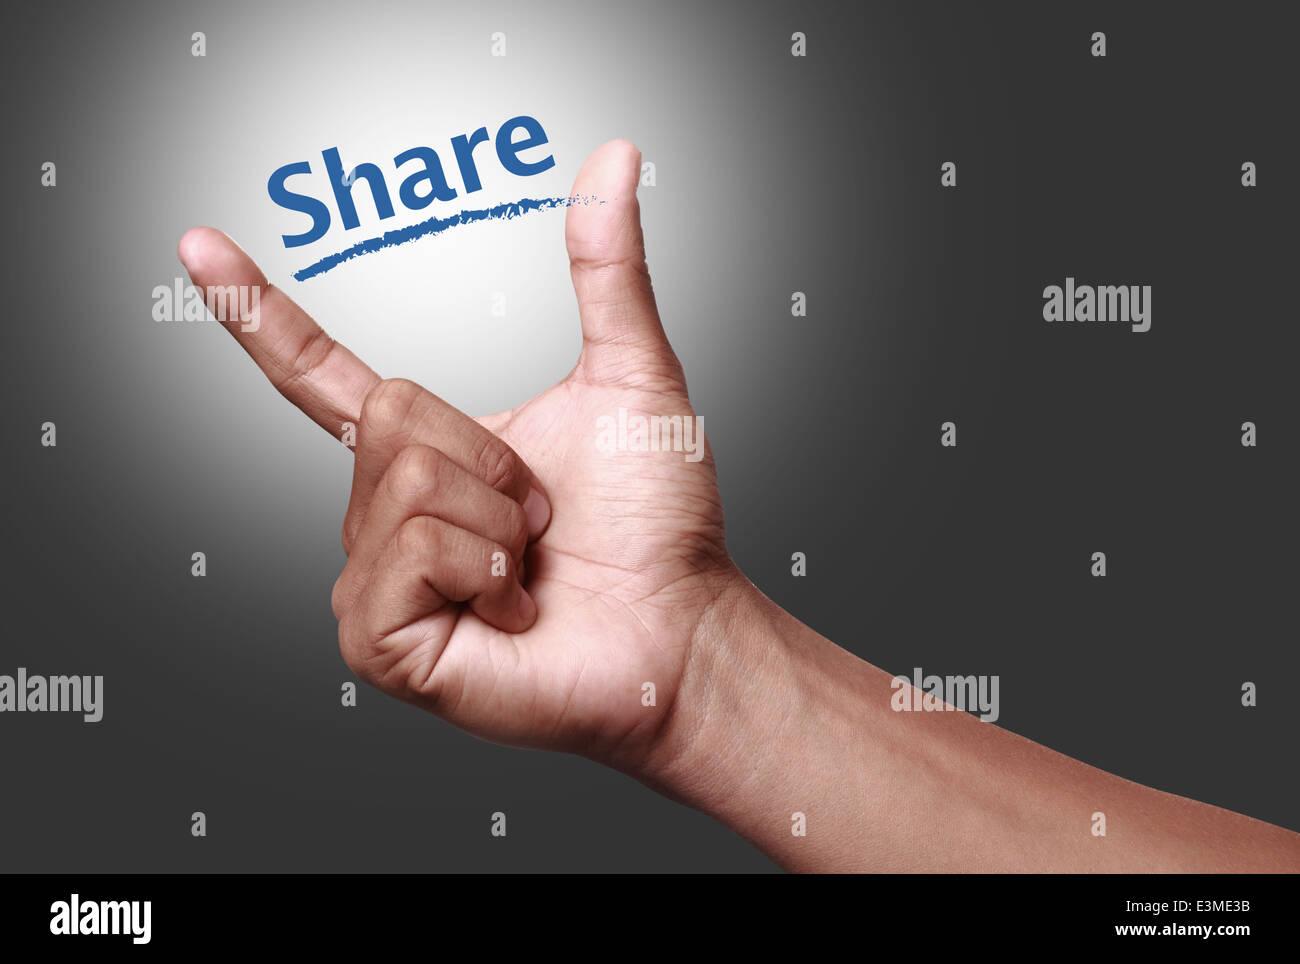 La mano mostrando el icono compartir Imagen De Stock